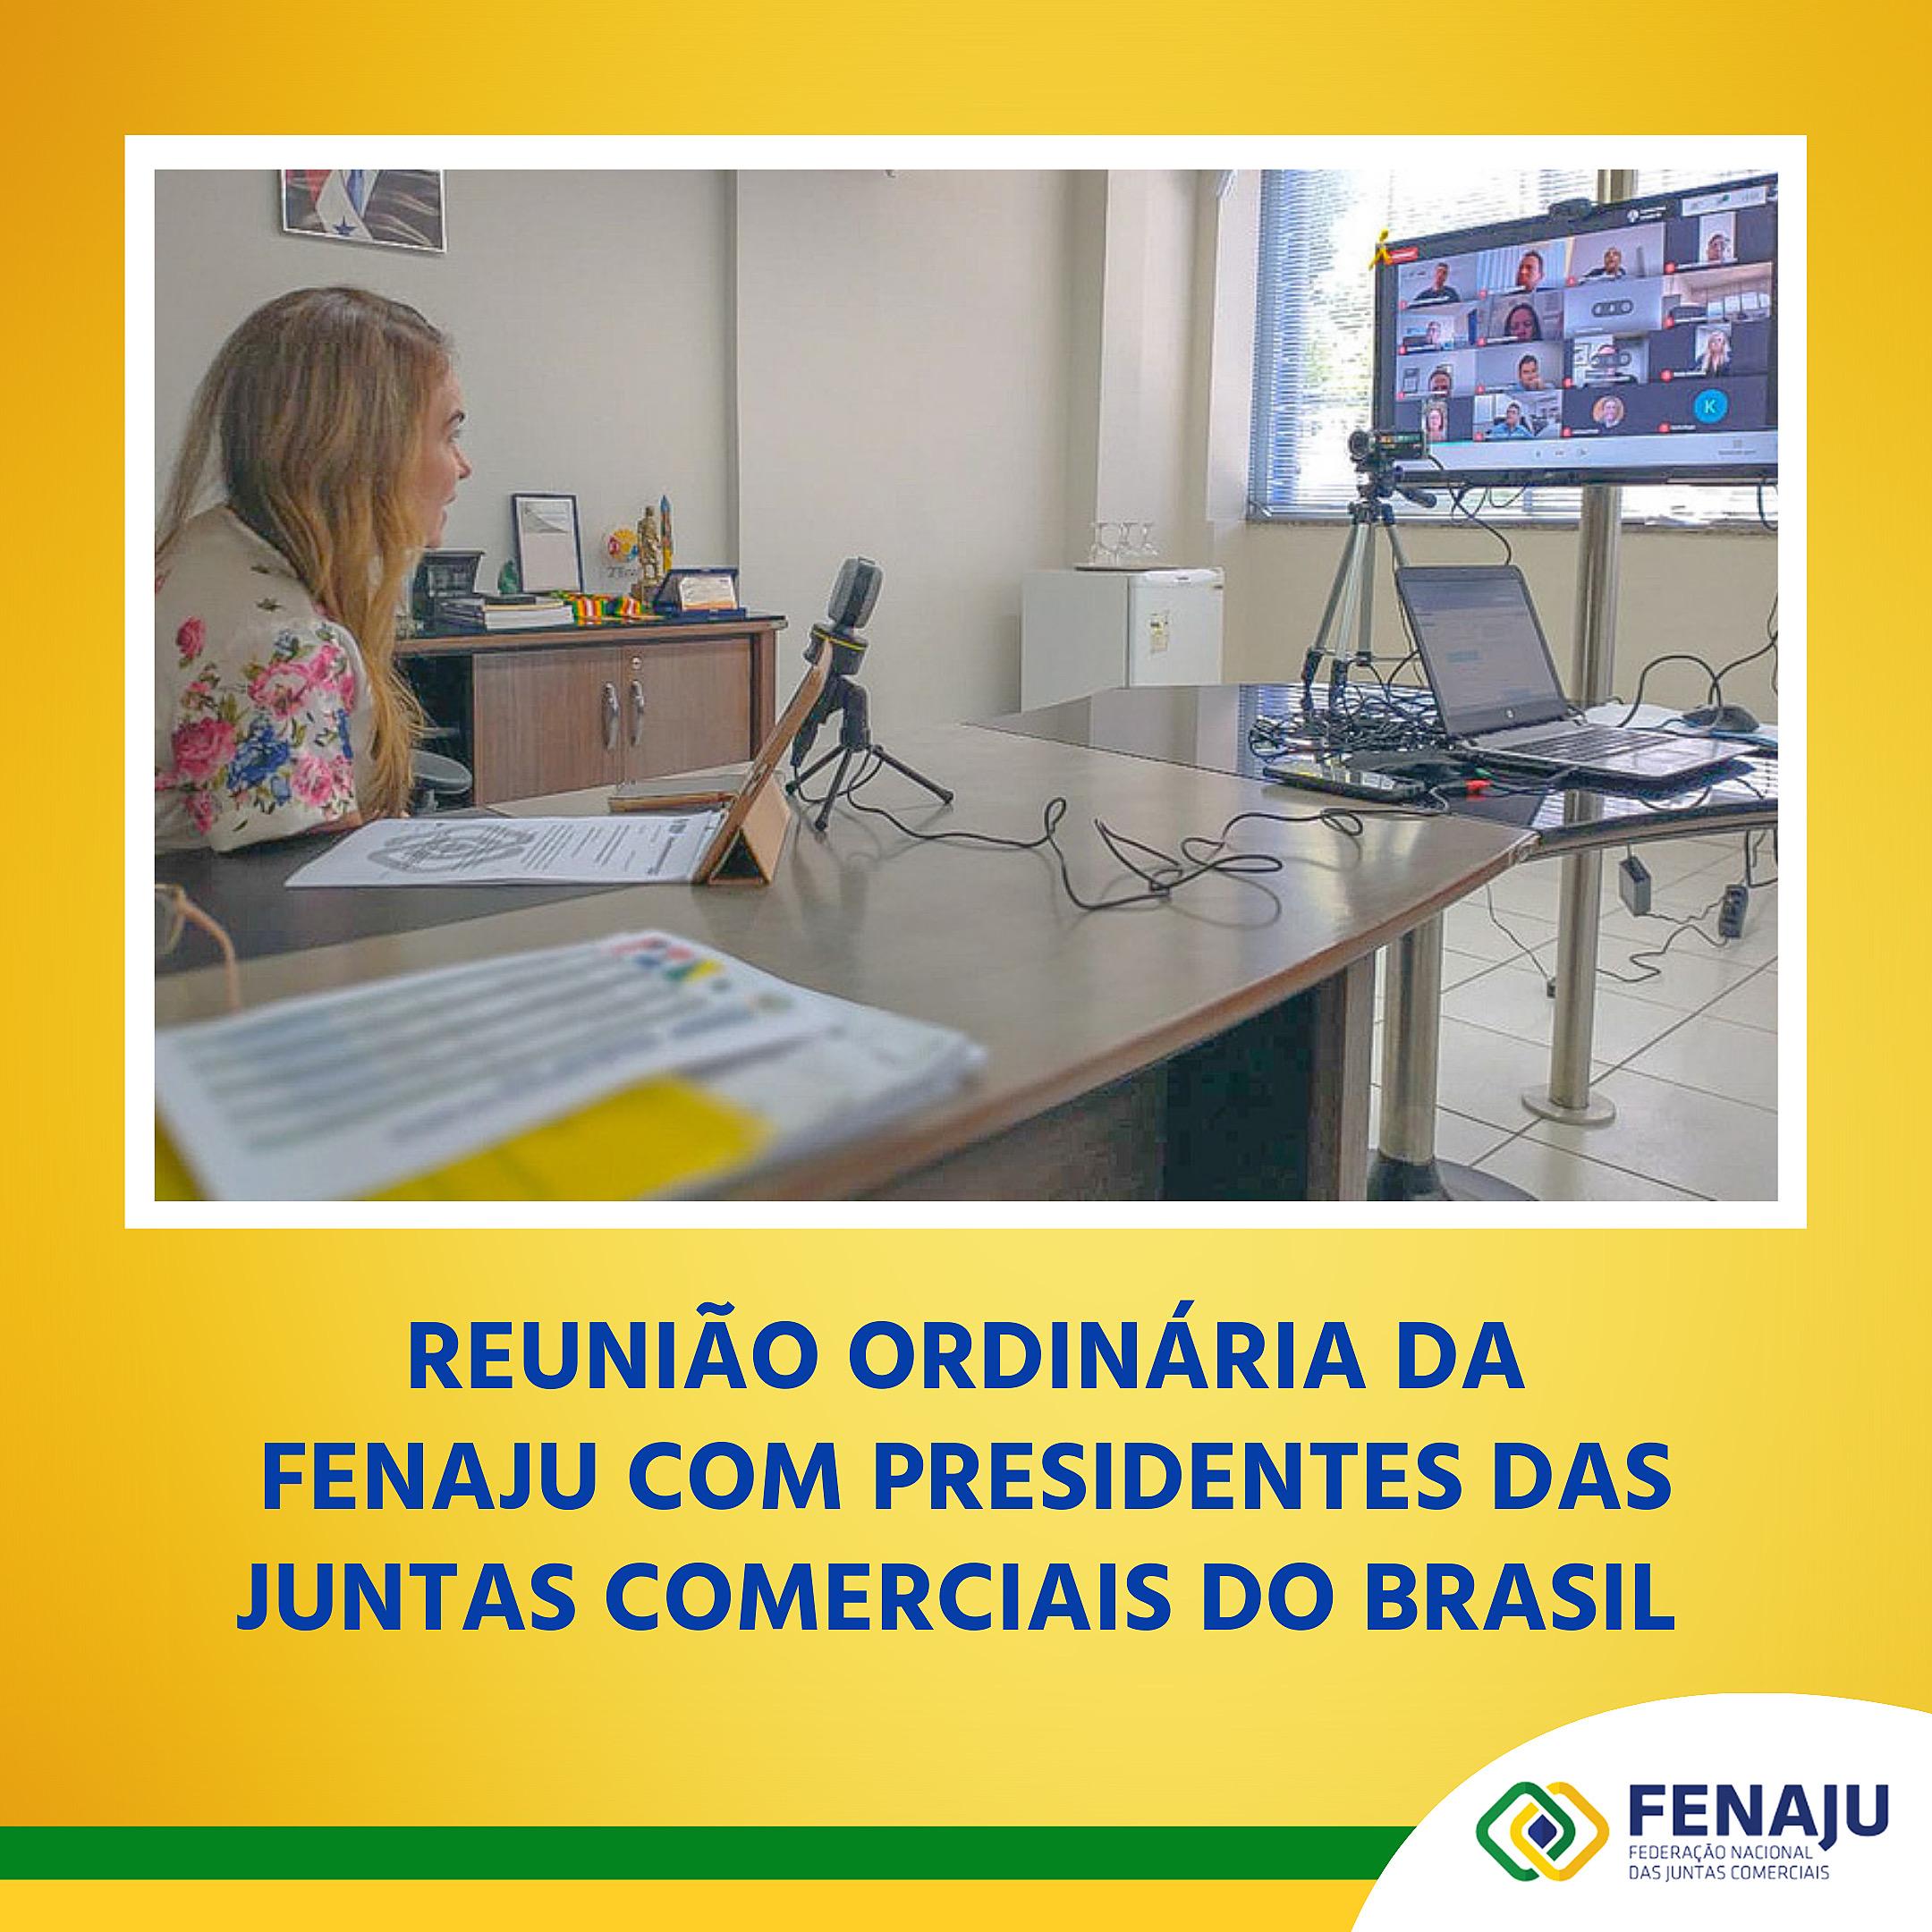 Reunião ordinária da FENAJU com presidentes das juntas comerciais do Brasil